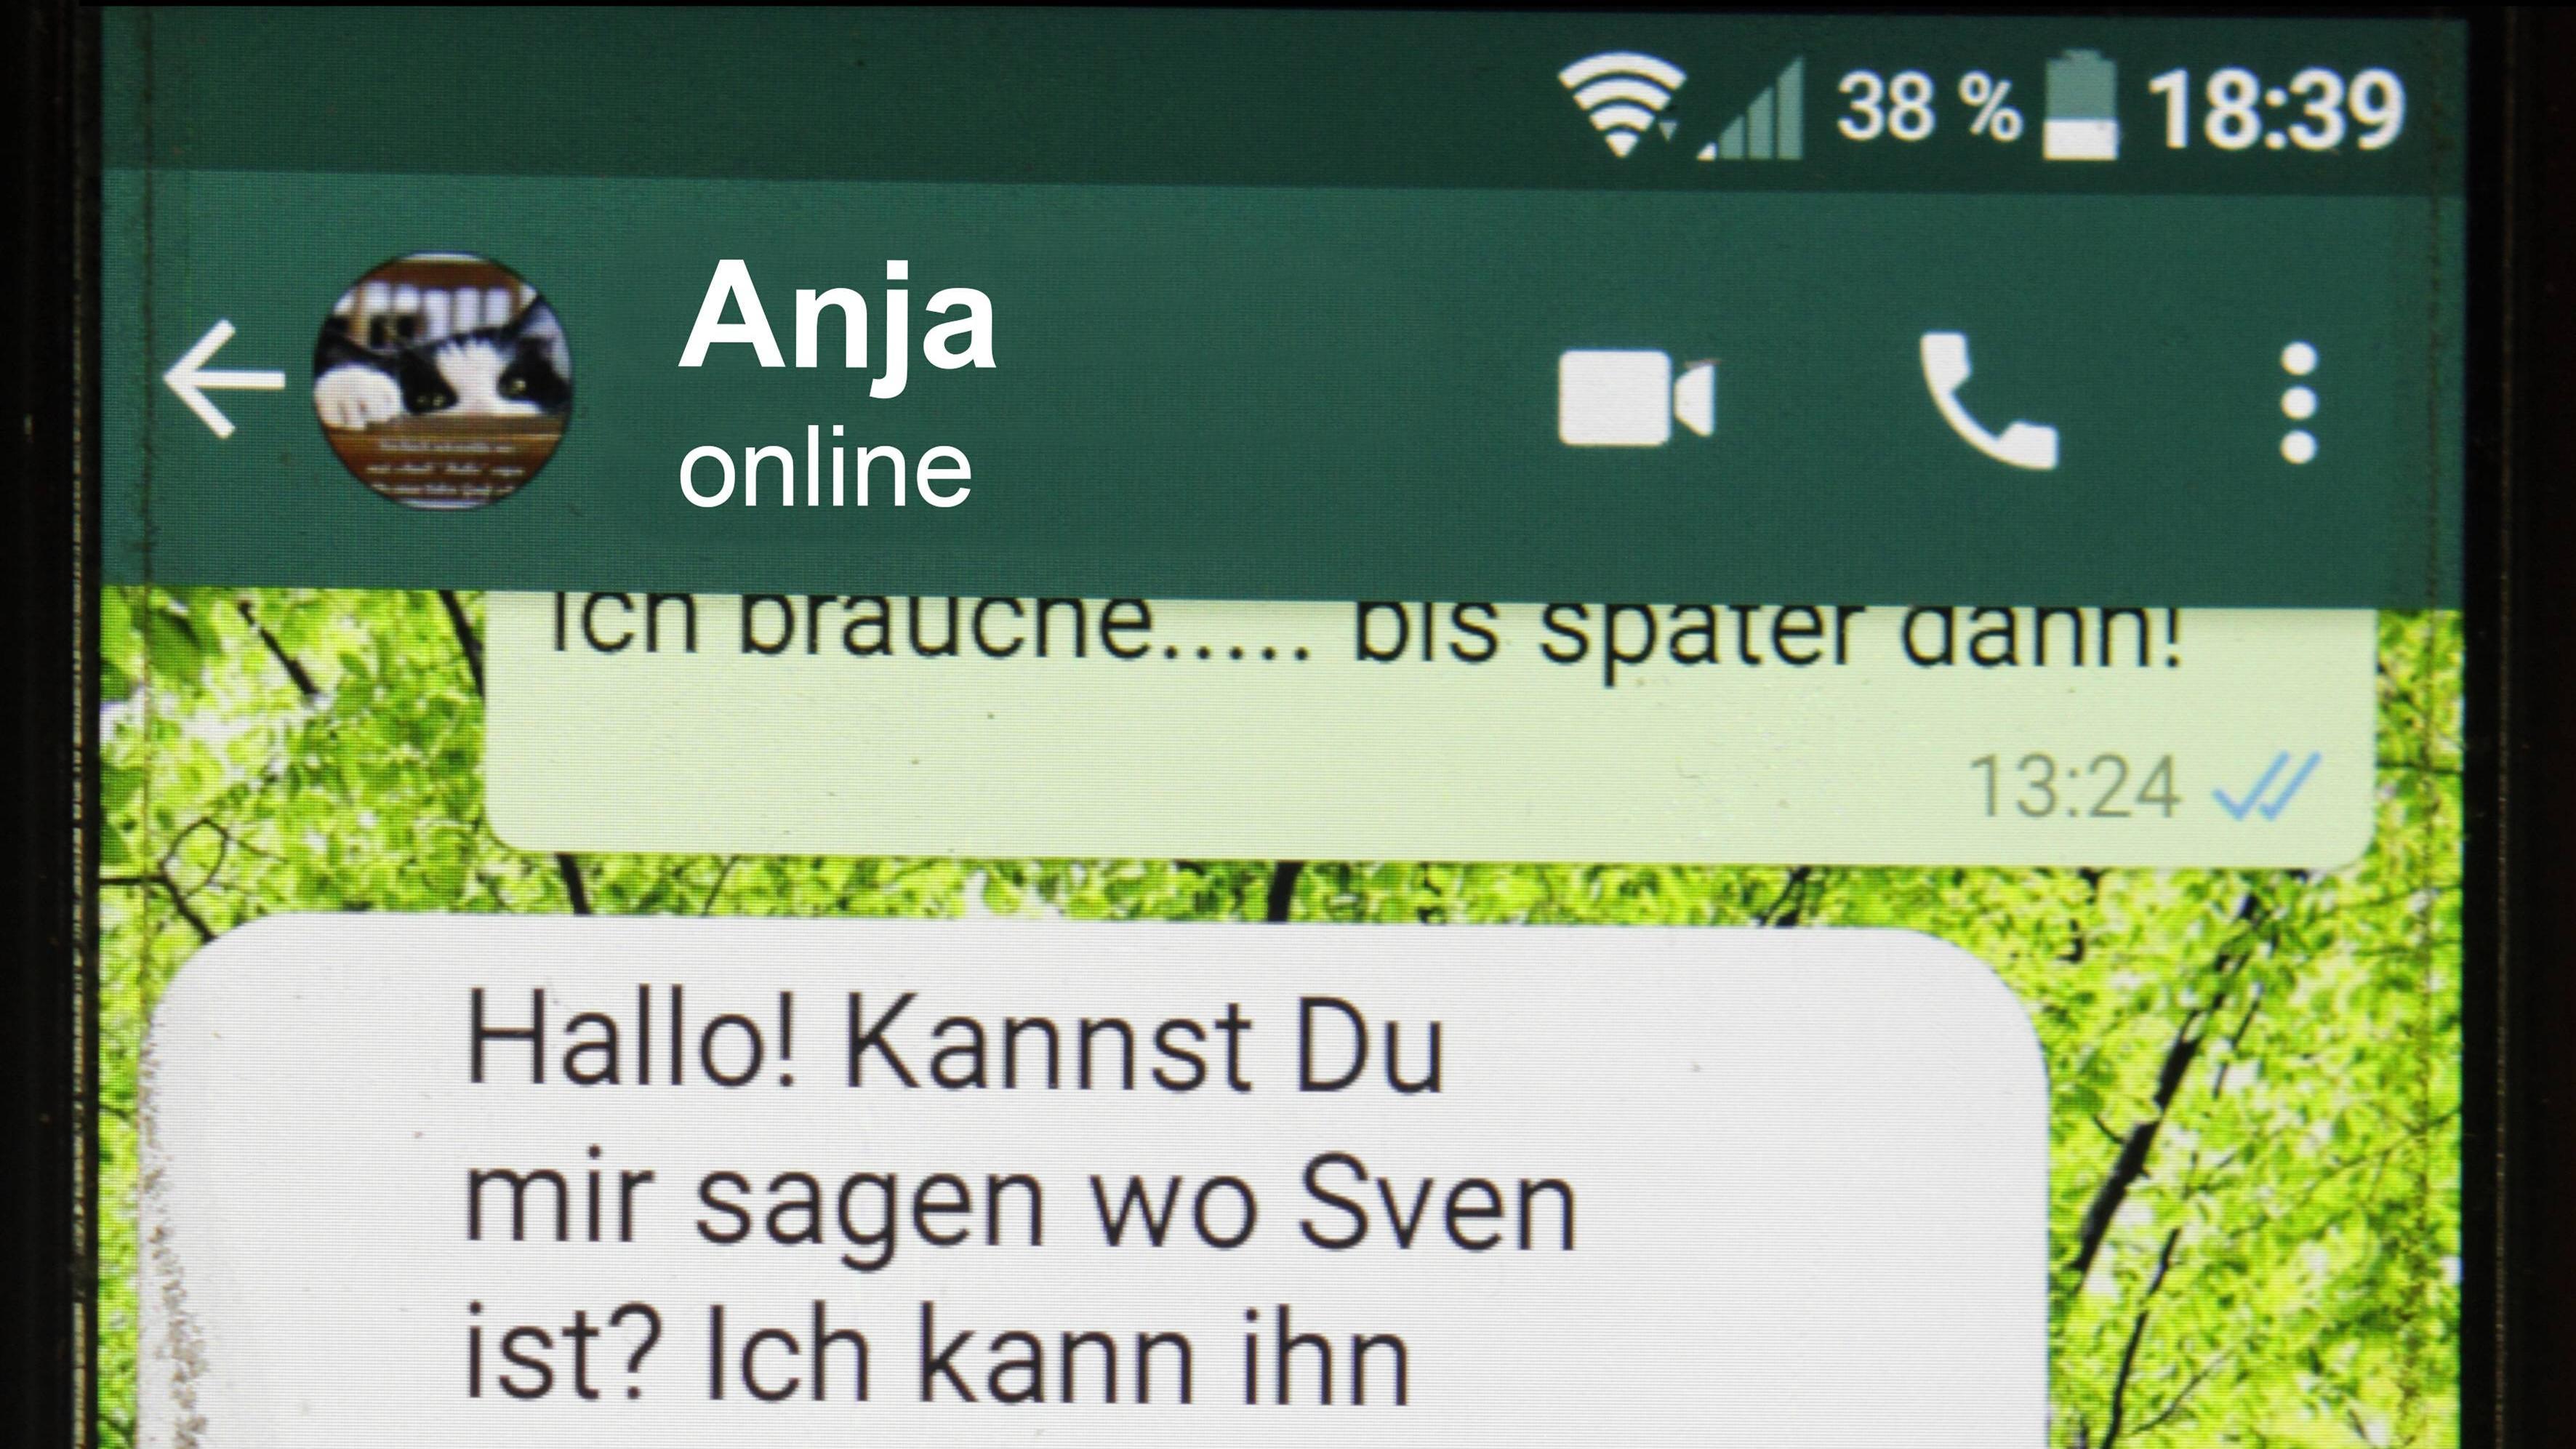 Einspeichern whatsapp namen Griechische nummer